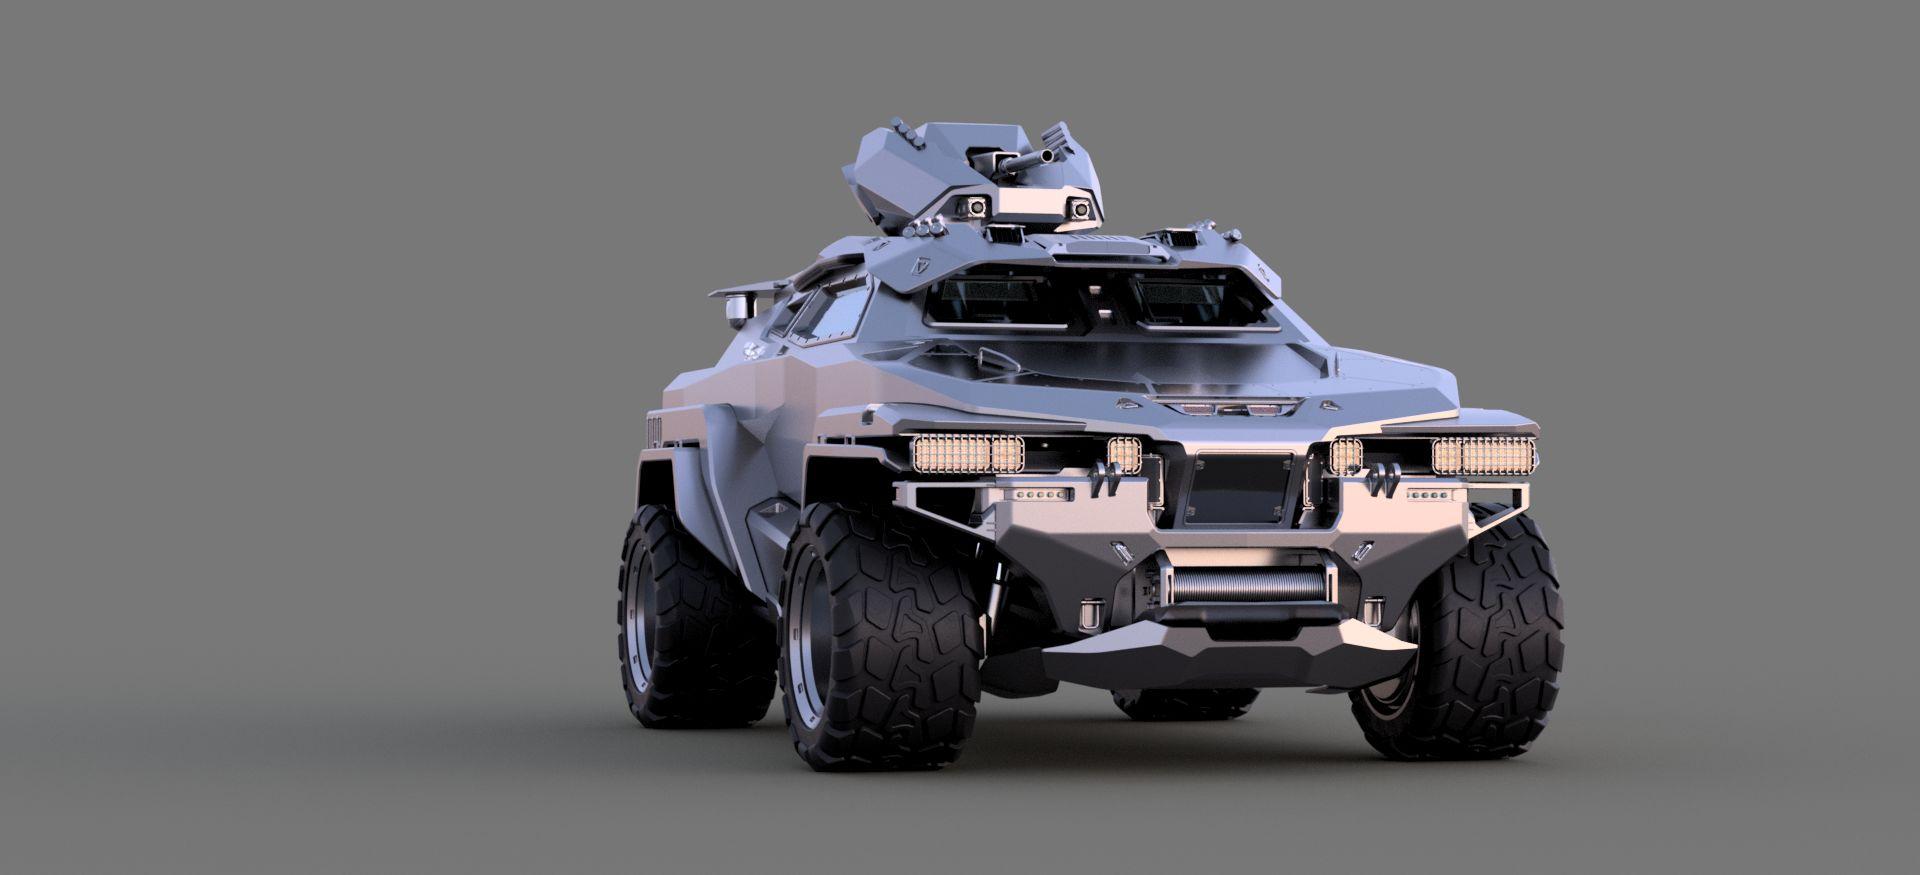 Bronevik-v65-3500-3500